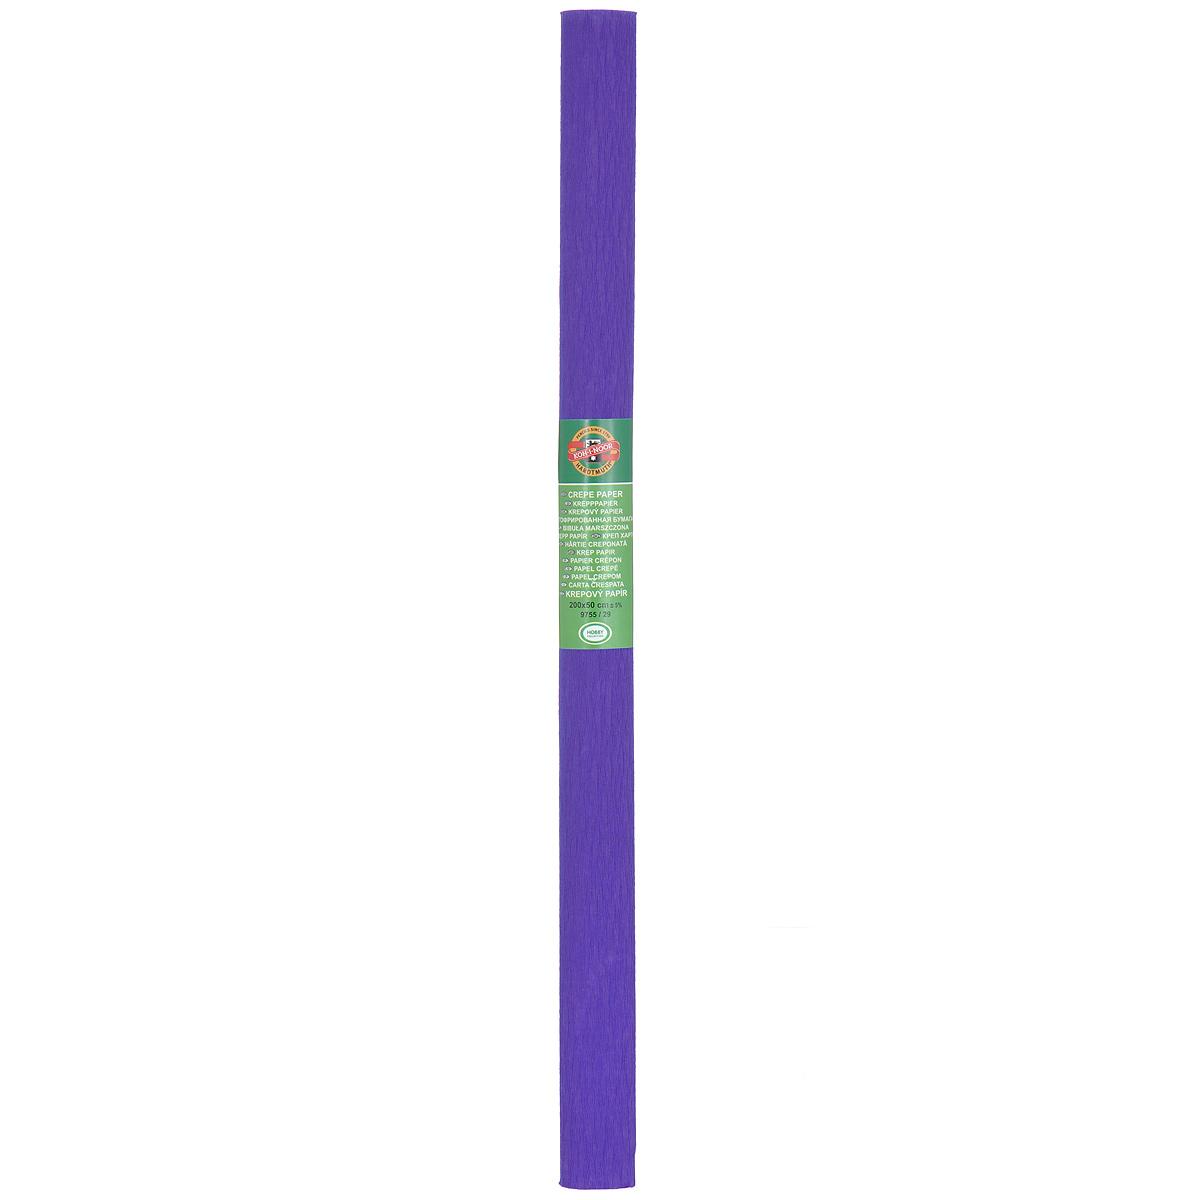 Бумага гофрированная Koh-I-Noor, цвет: темно-сиреневый, 50 см x 2 м9755/29Гофрированная бумага Koh-I-Noor - прекрасный материал для декорирования, изготовления эффектной упаковки и различных поделок. Бумага прекрасно держит форму, не пачкает руки, отлично крепится и замечательно подходит для изготовления праздничной упаковки для цветов.